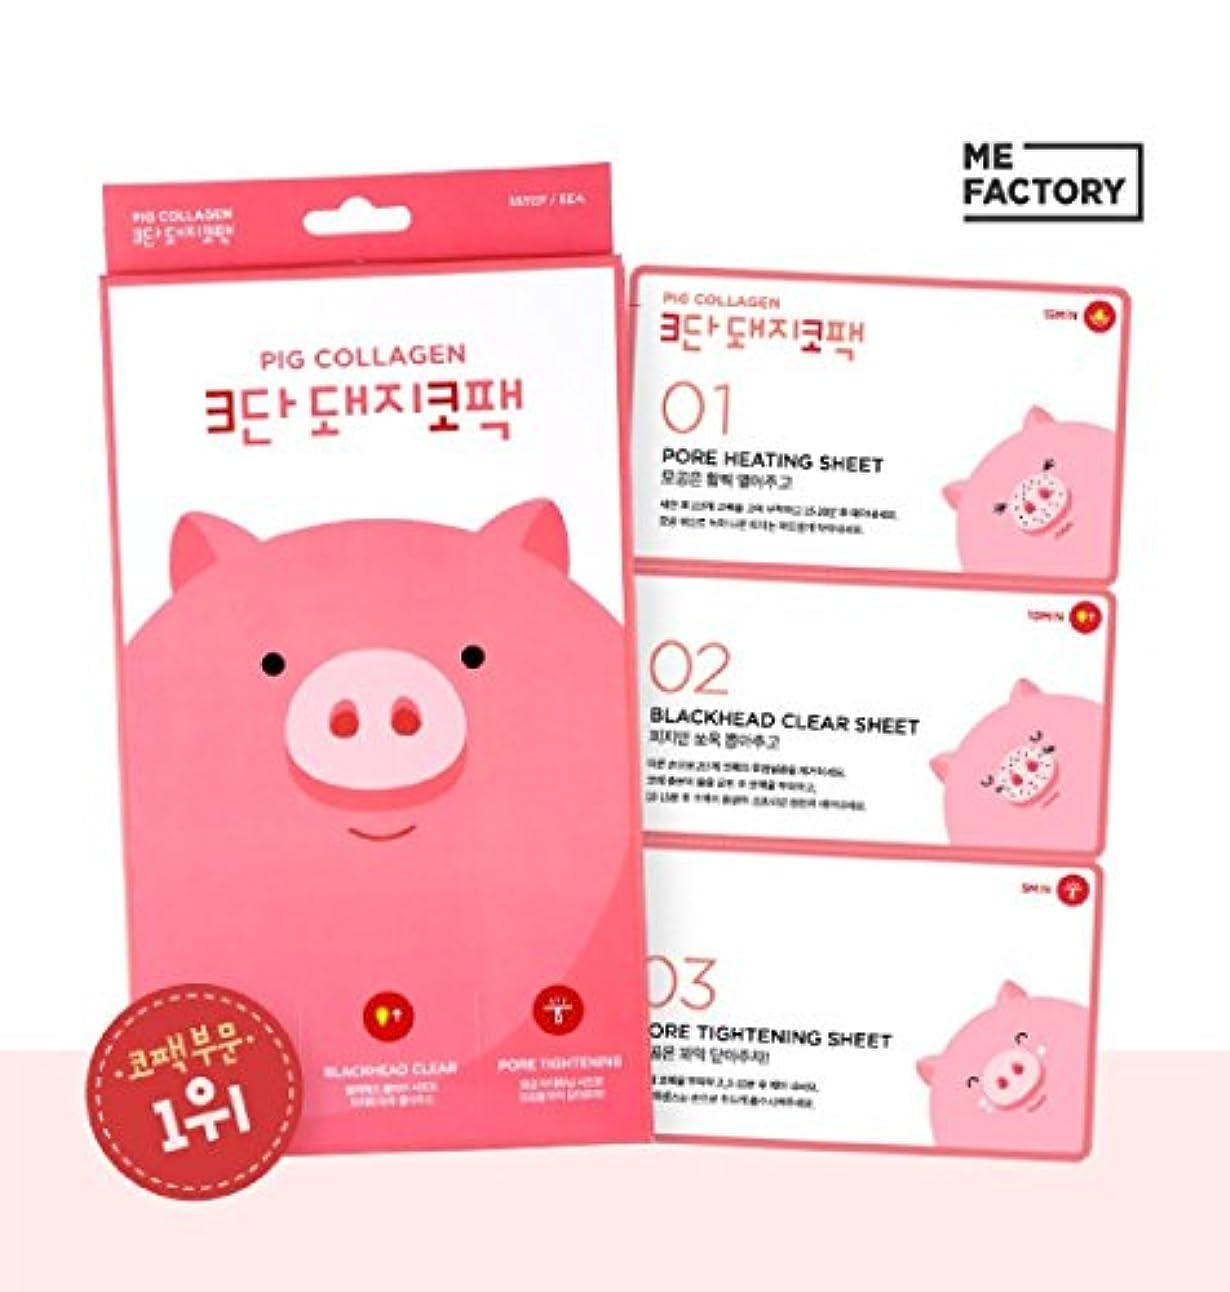 米国貧困不完全【米ファクトリー/ me factory]韓国化粧品/ Me Factory Pig Collagen 3 Step Kit Pig Nose Mask Pack X 5 Piece/米ファクトリー3段豚コペク(5枚)フィジー...